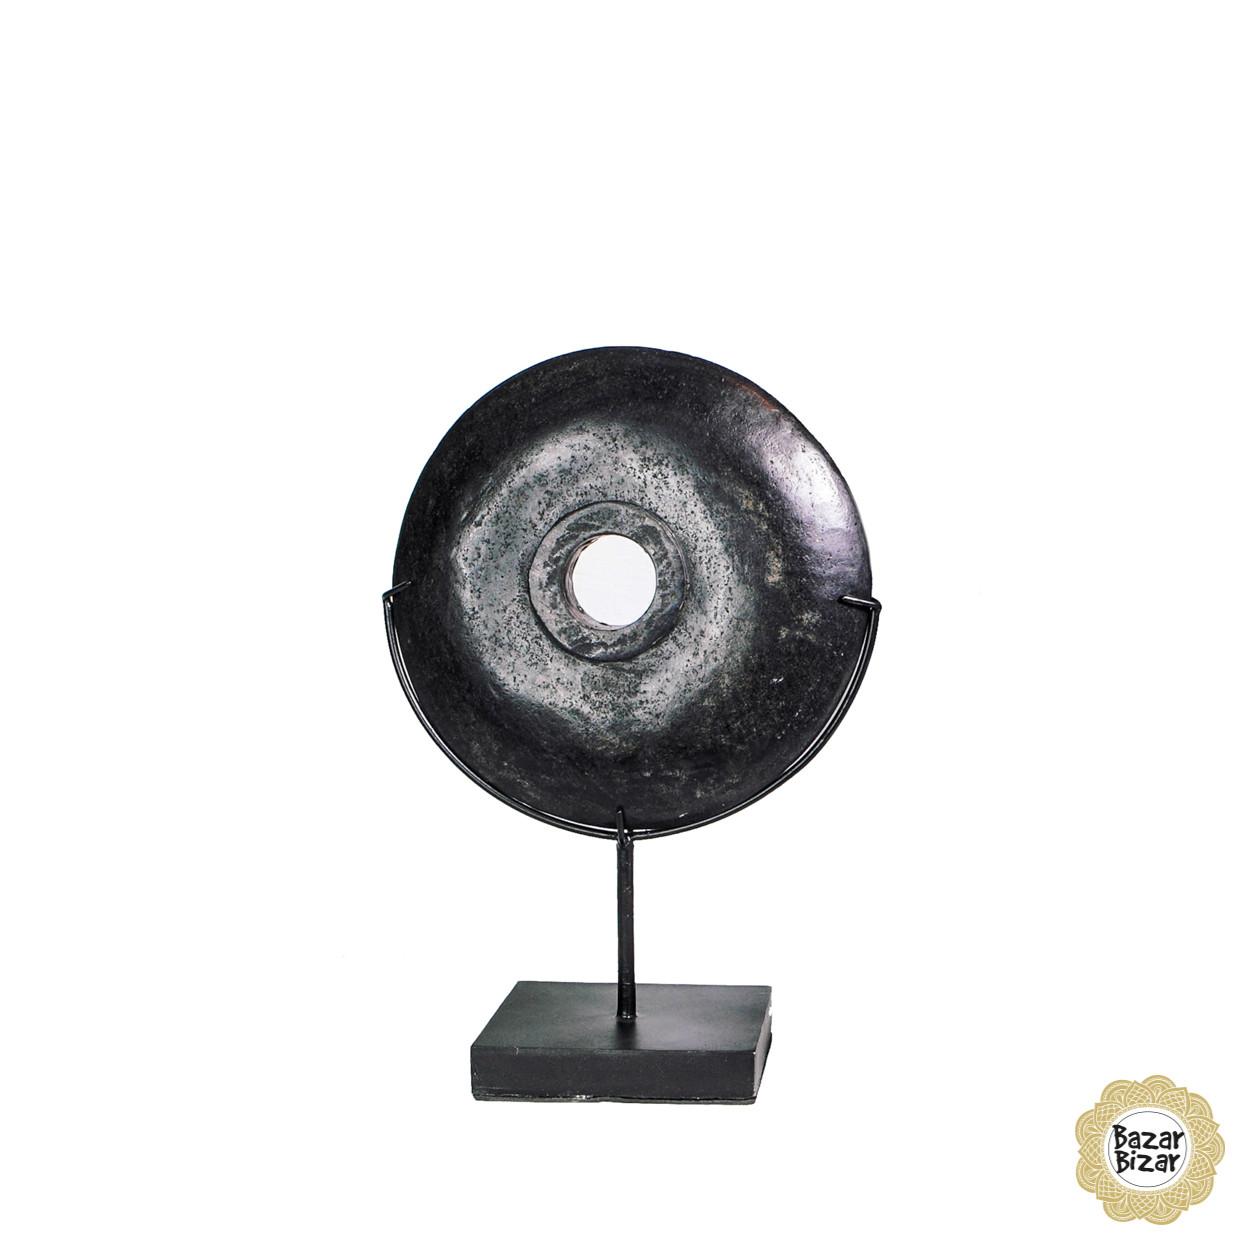 Een zwarte, ronde, gepolierde riviersteen op een op maat gemaakte standaard als decoratiestuk.